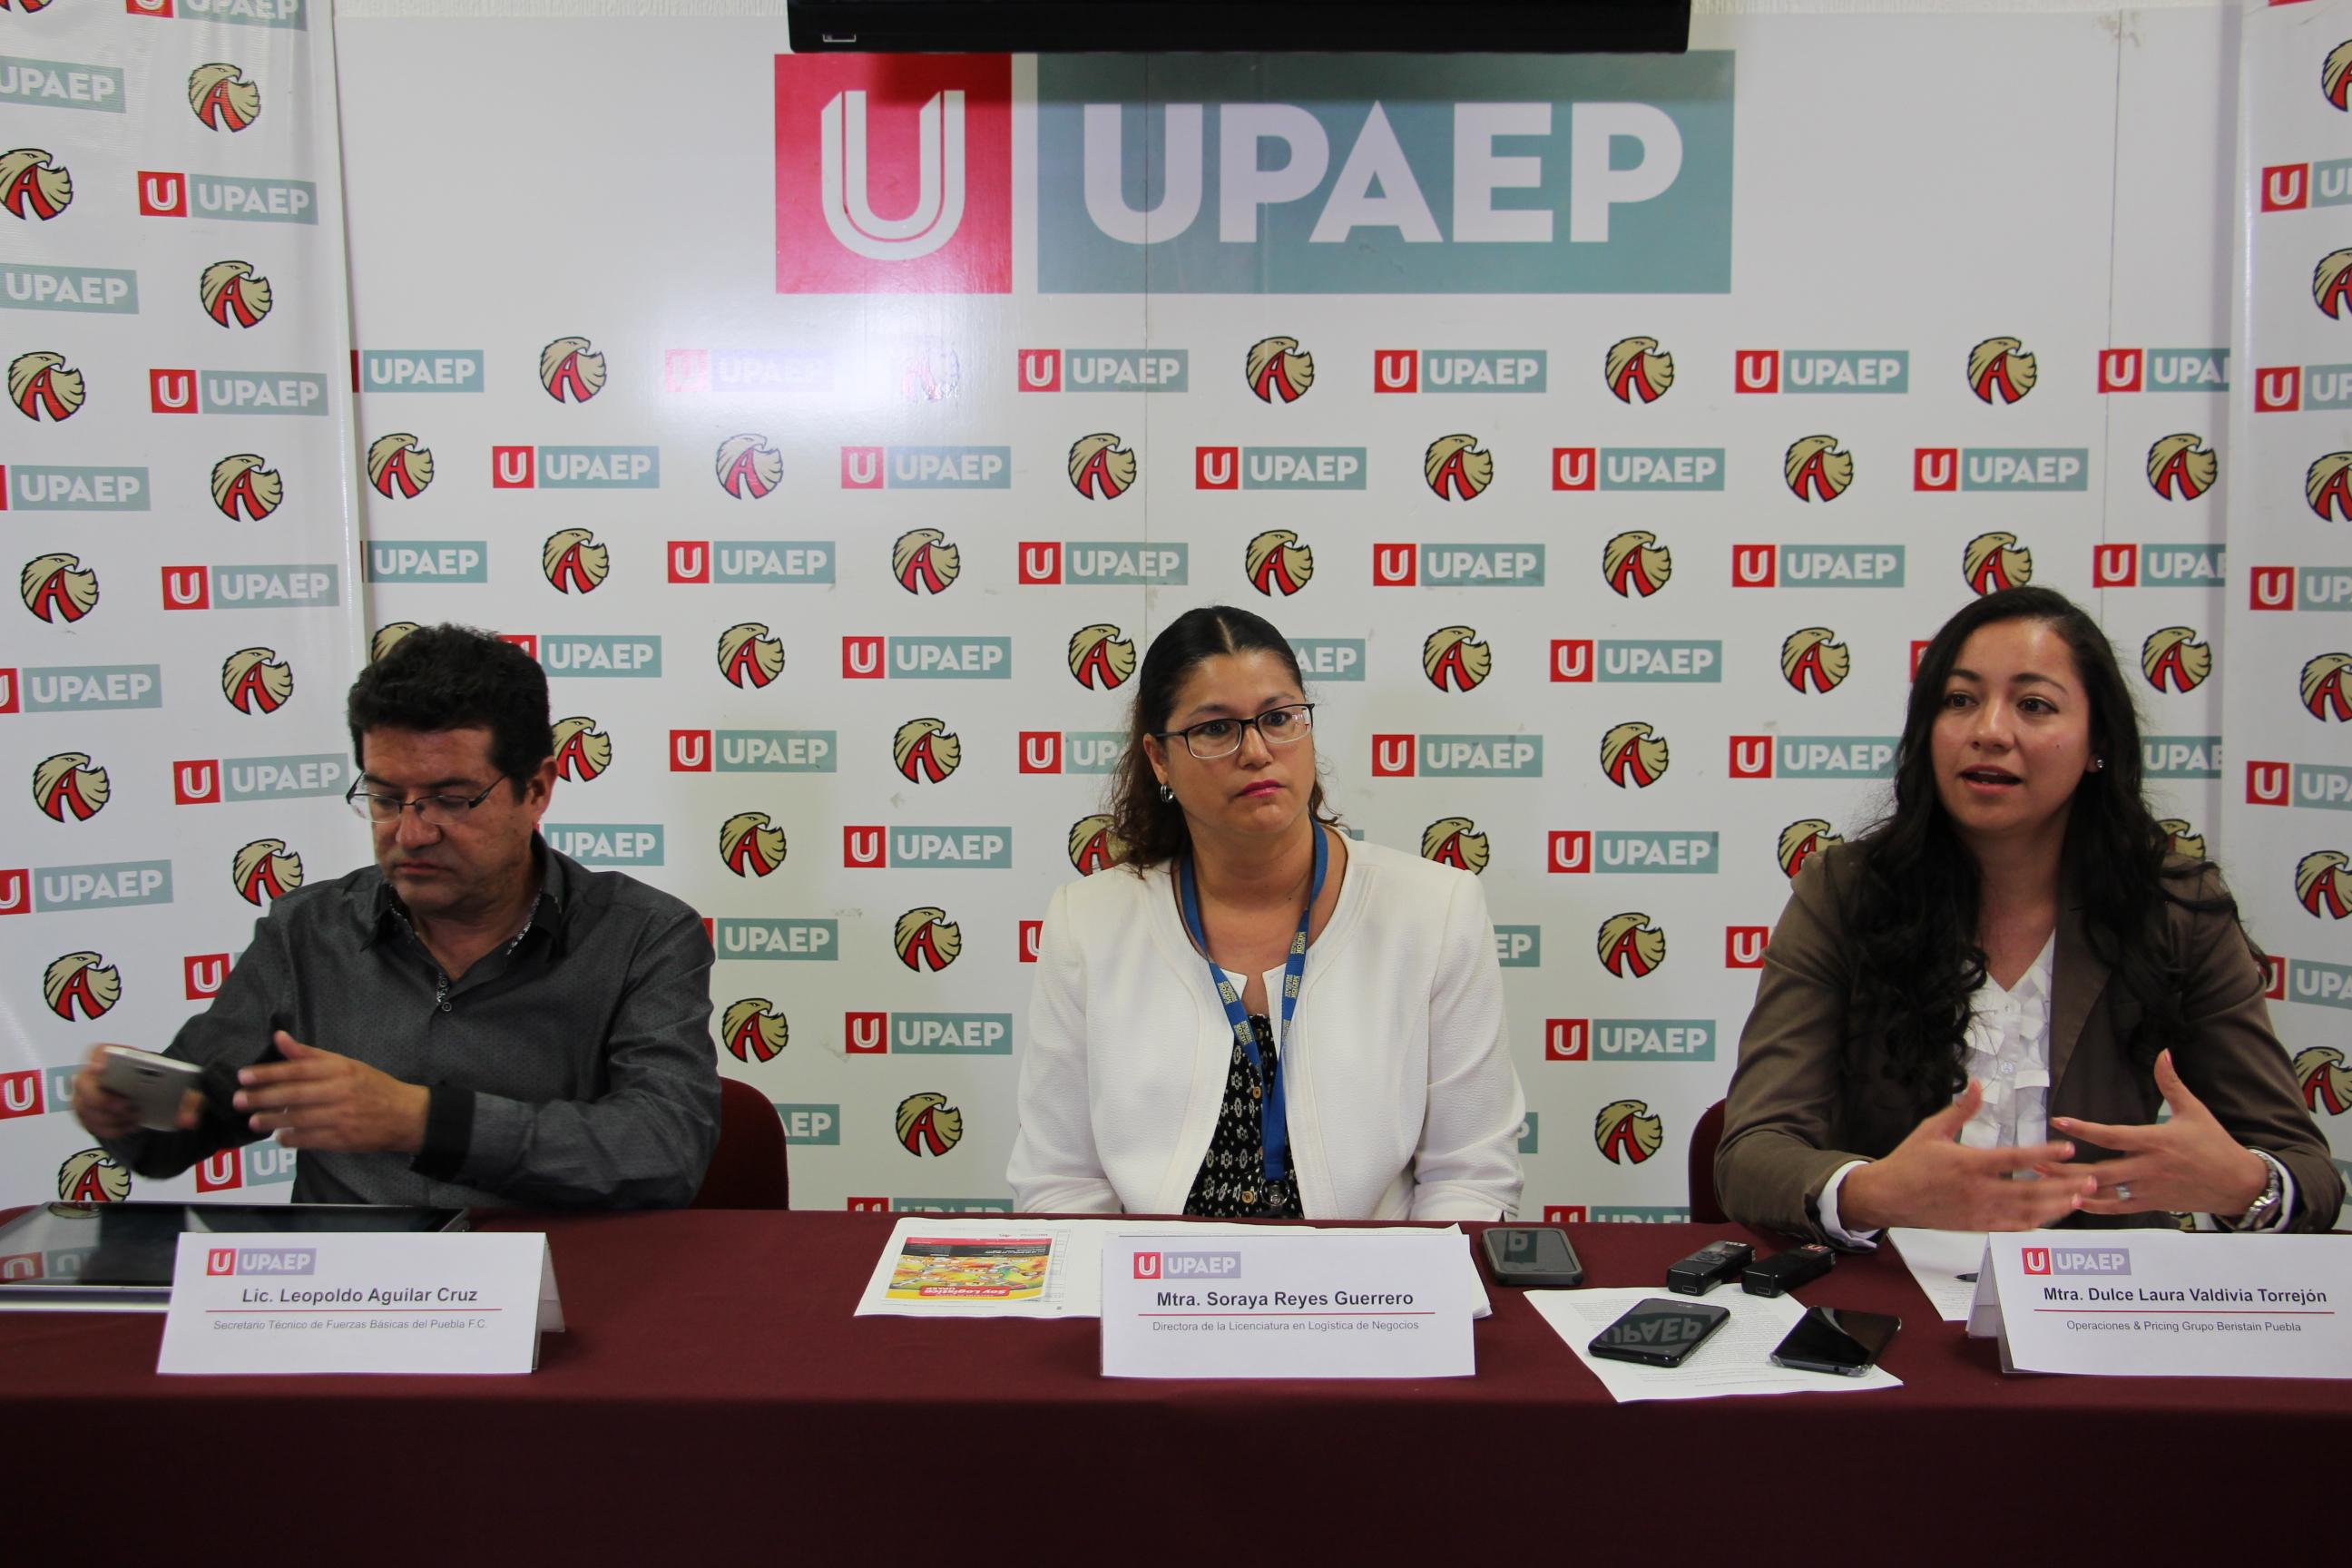 Relacionados con la logística, 6 de cada 10 empleos, señala Upaep